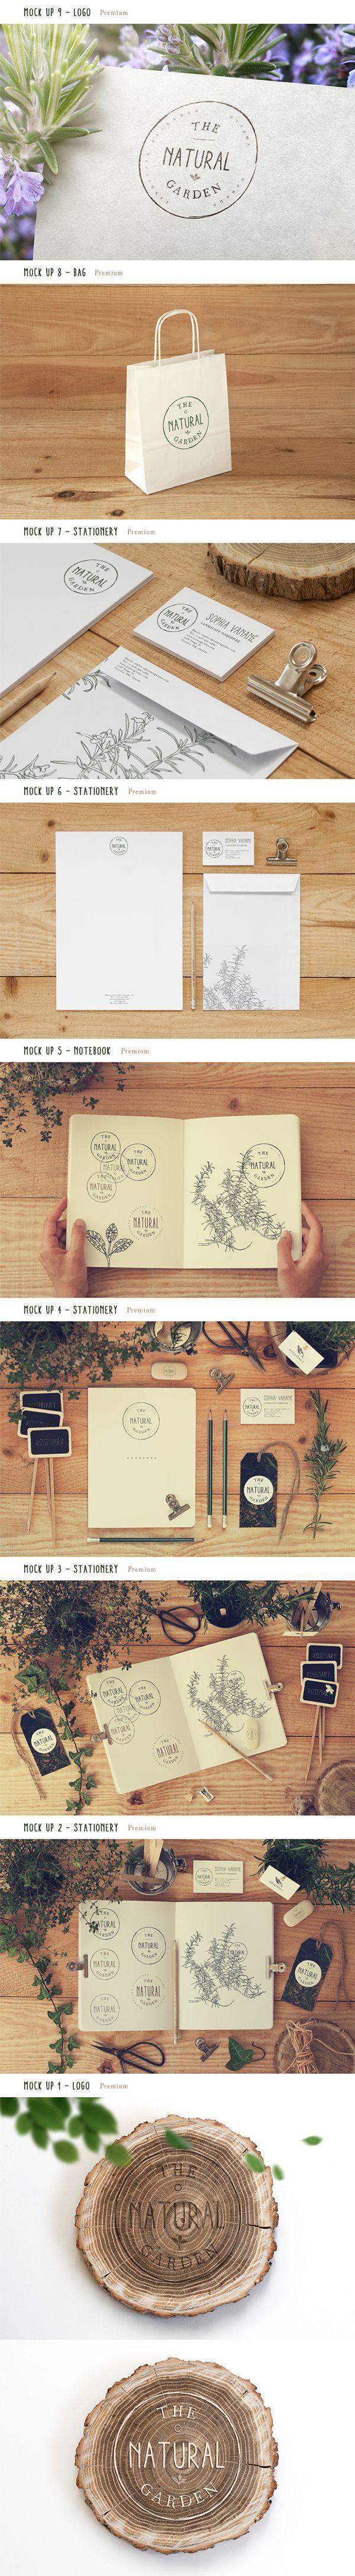 40 utilisations de tampons pour créer un graphisme original - Inspiration graphique #15   BlogDuWebdesign